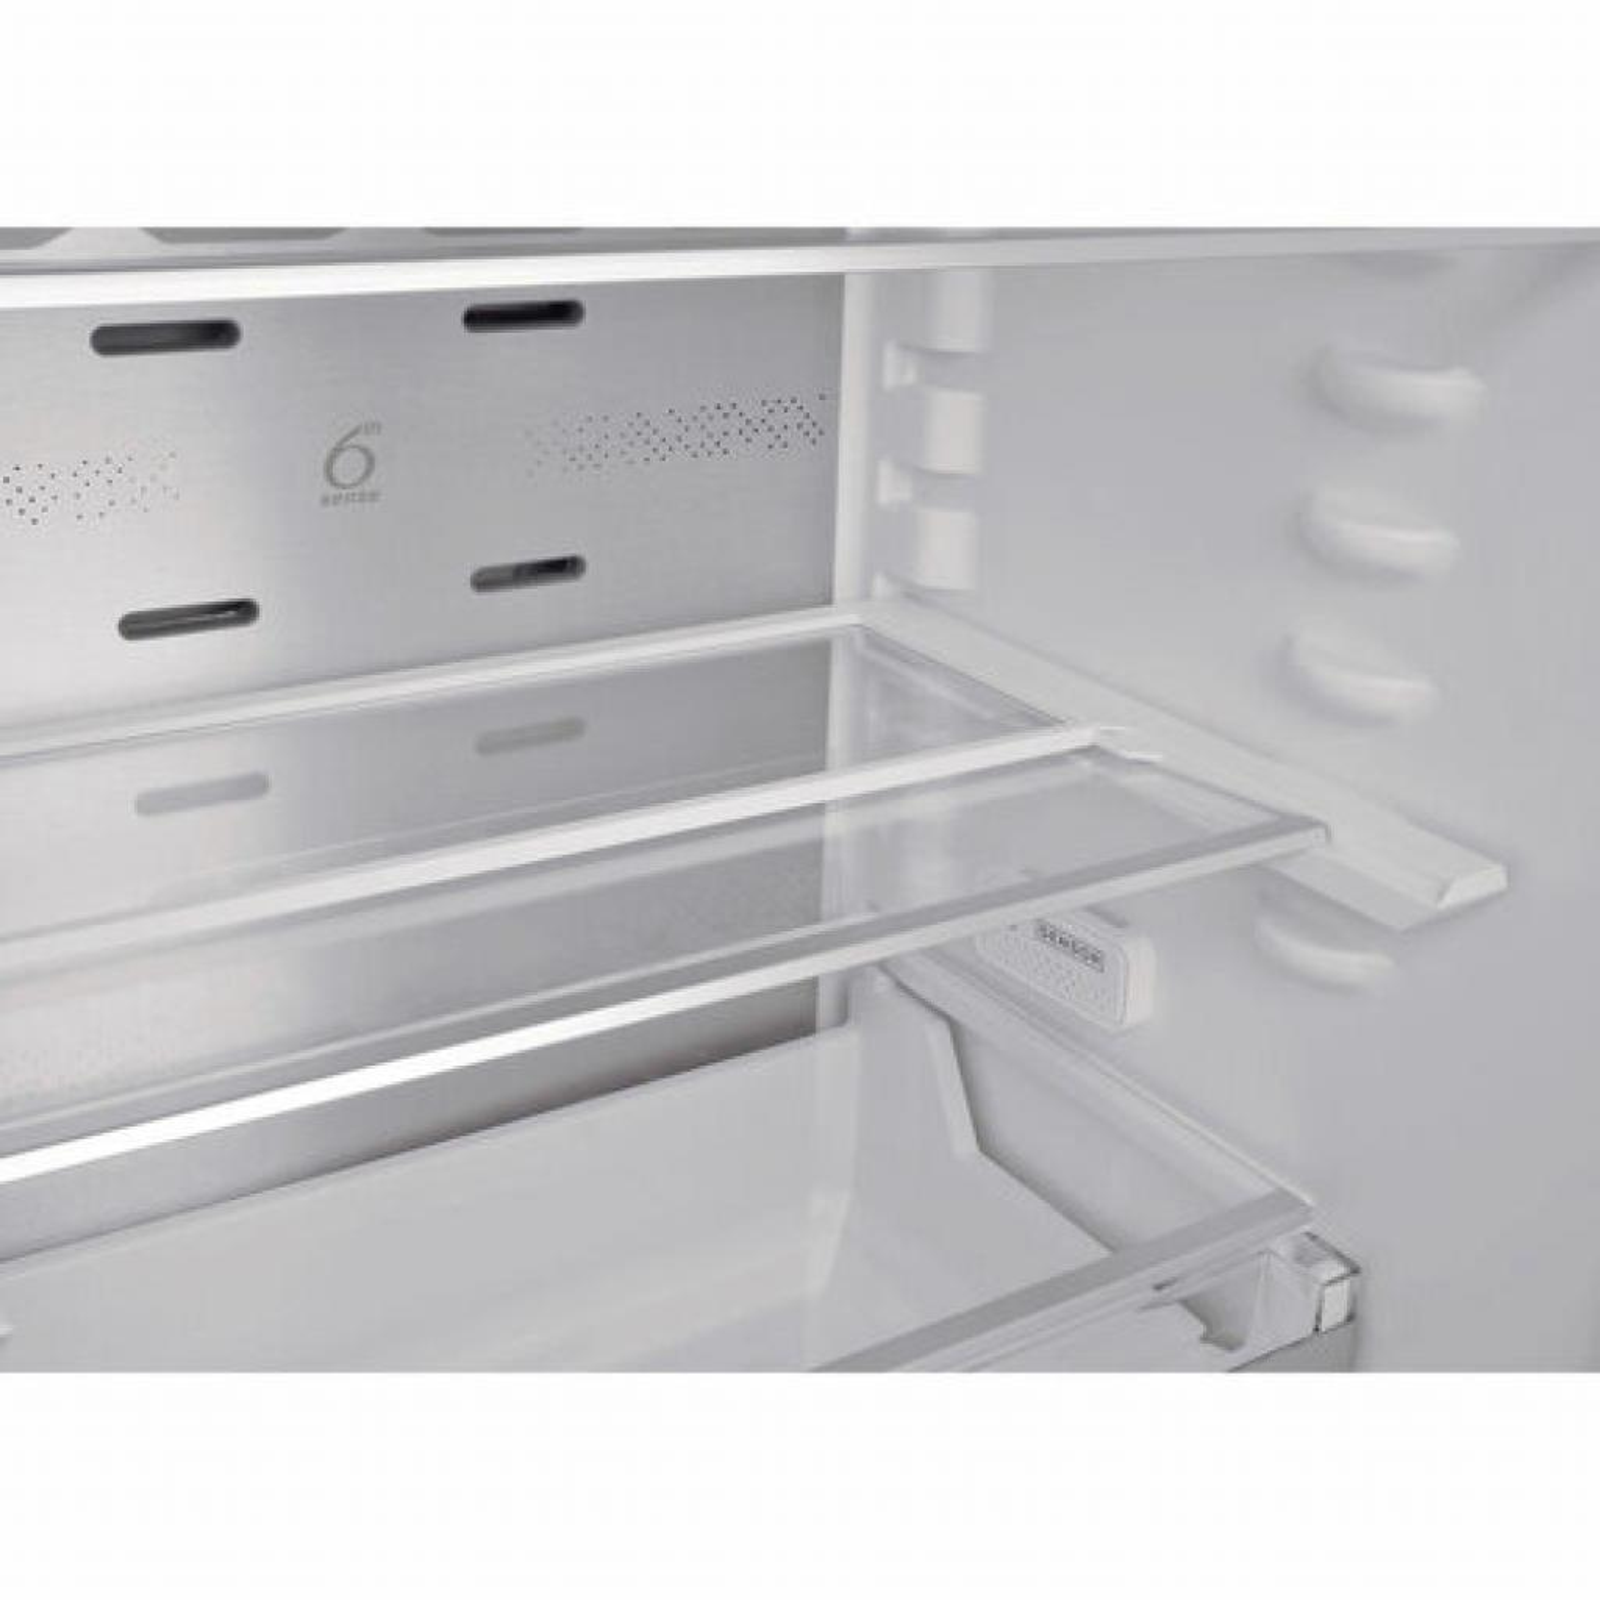 Холодильник Whirlpool W9931DKS изображение 5